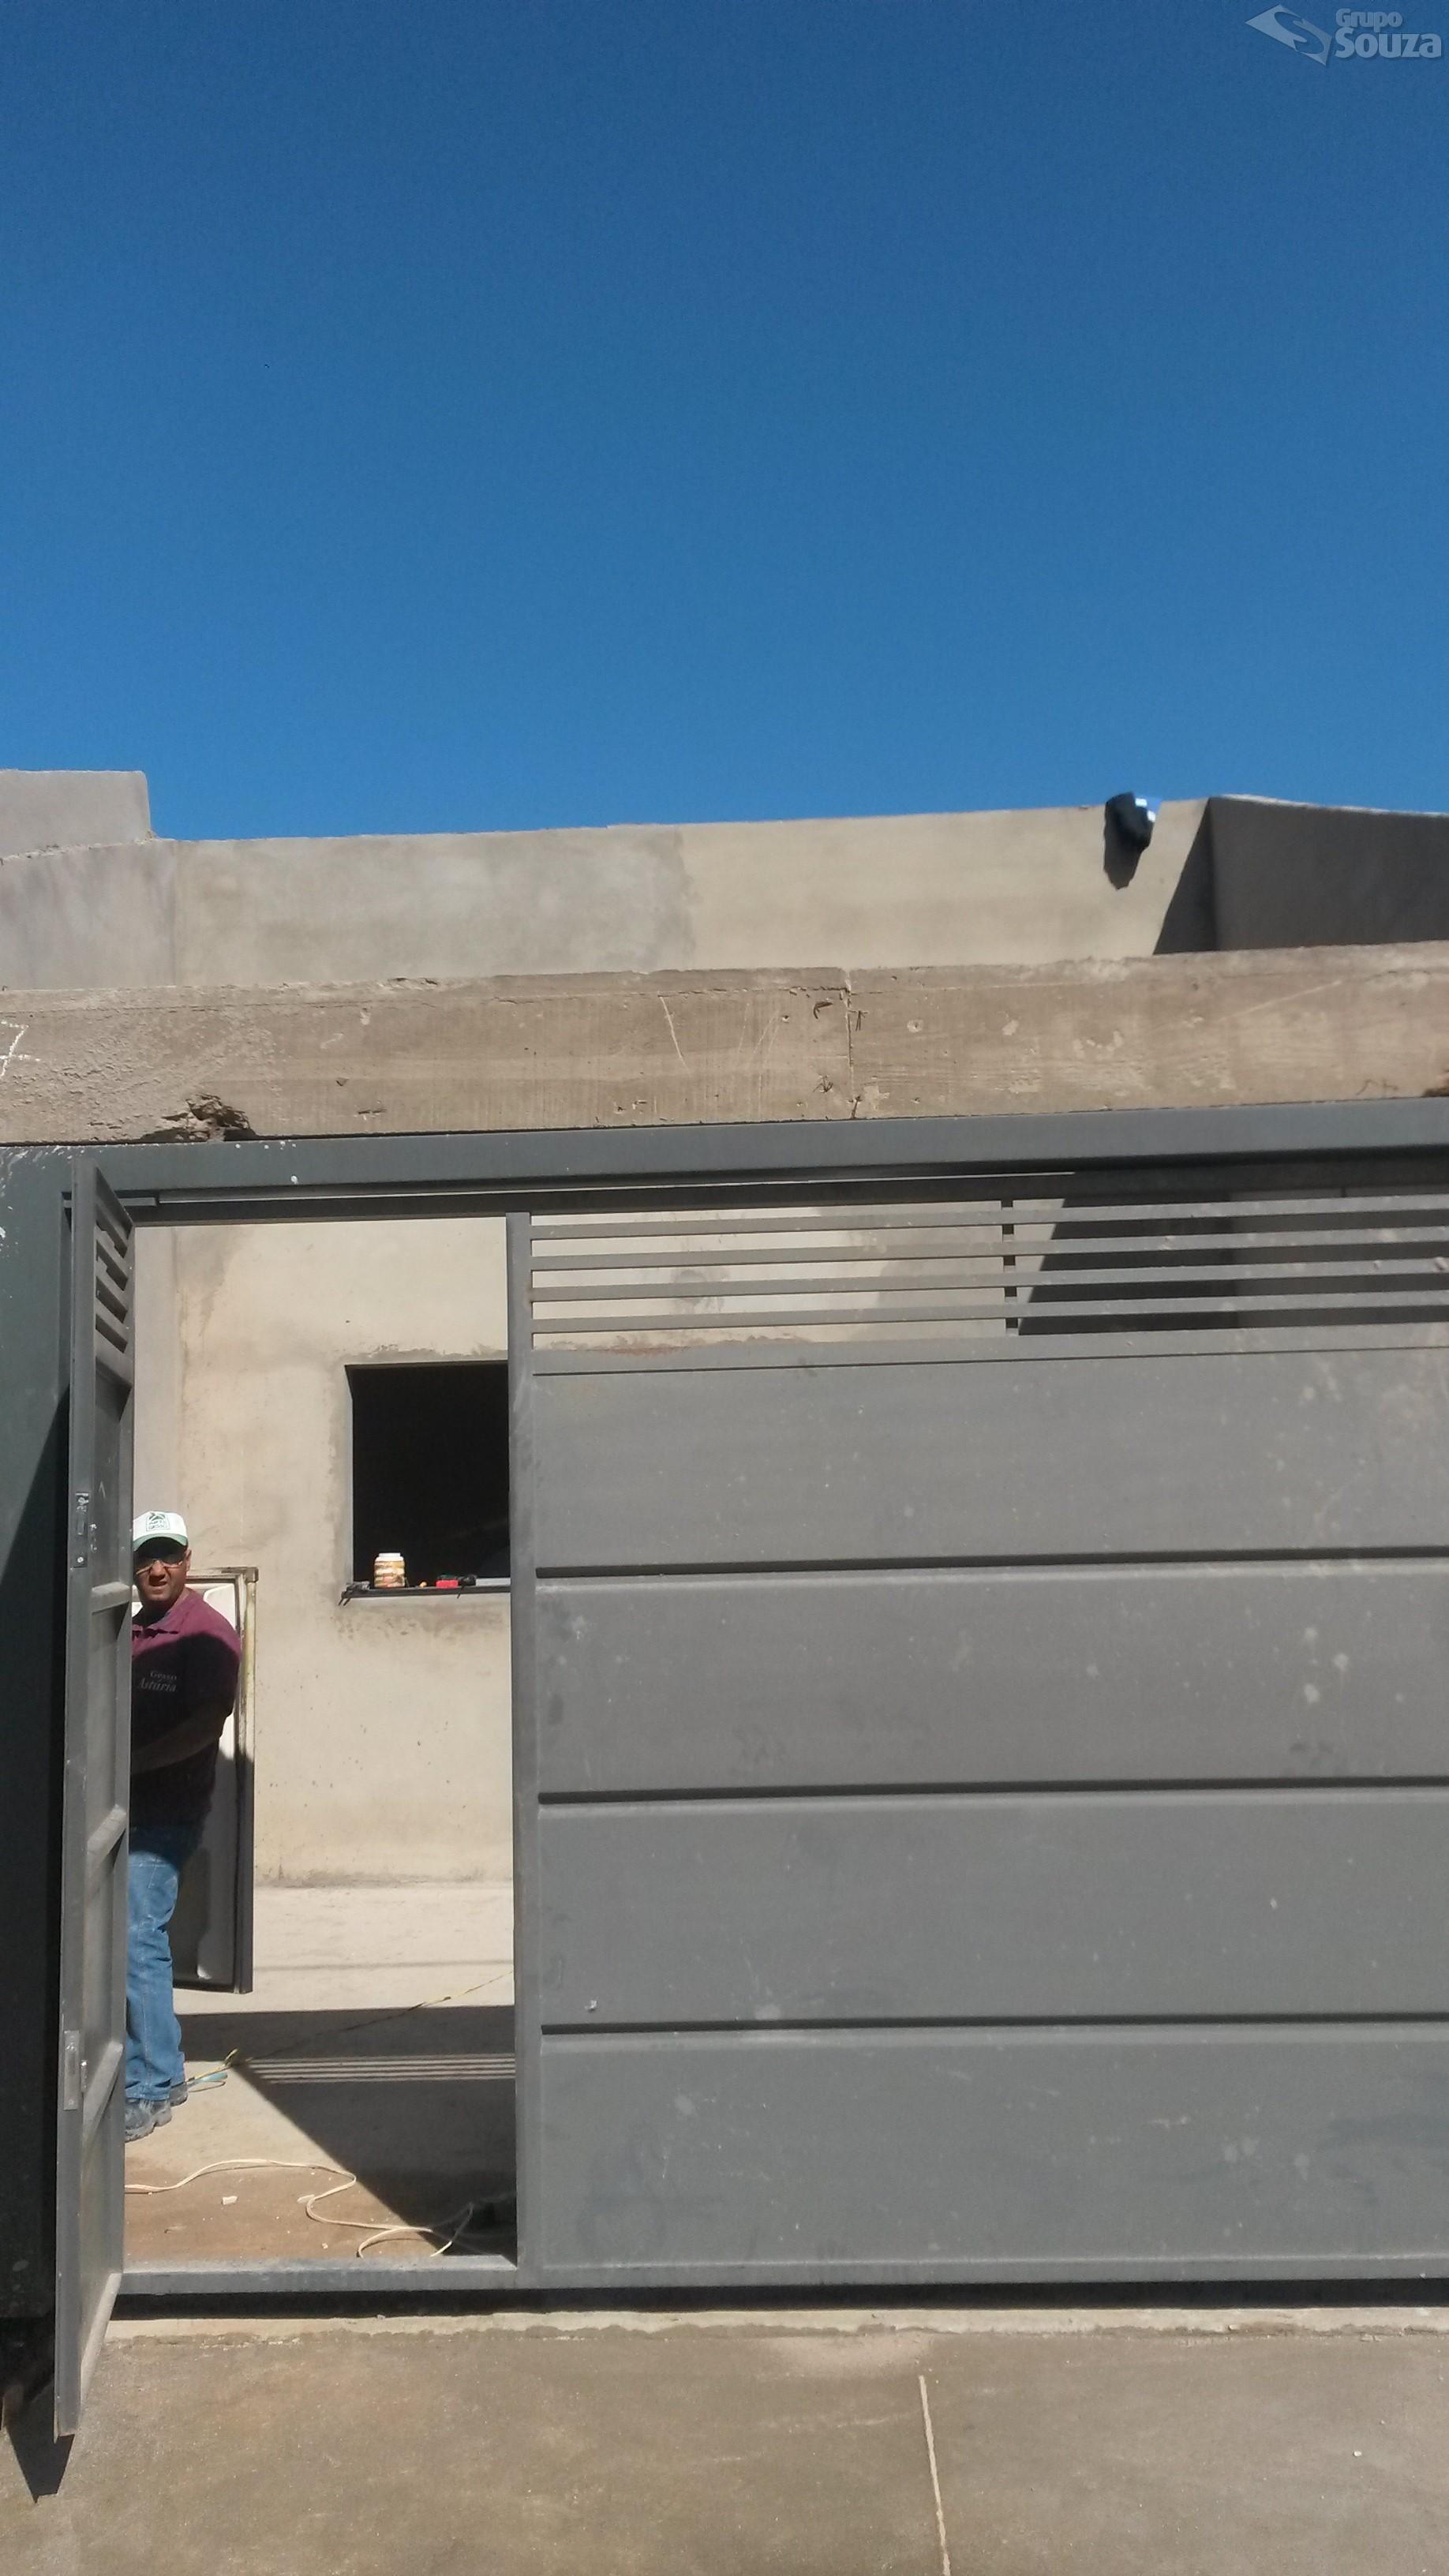 Imagens de #2C6497  Avencas Piracicaba (12256) Imobiliária Piracicaba Grupo Souza 1836x3264 px 2732 Box Banheiro Piracicaba